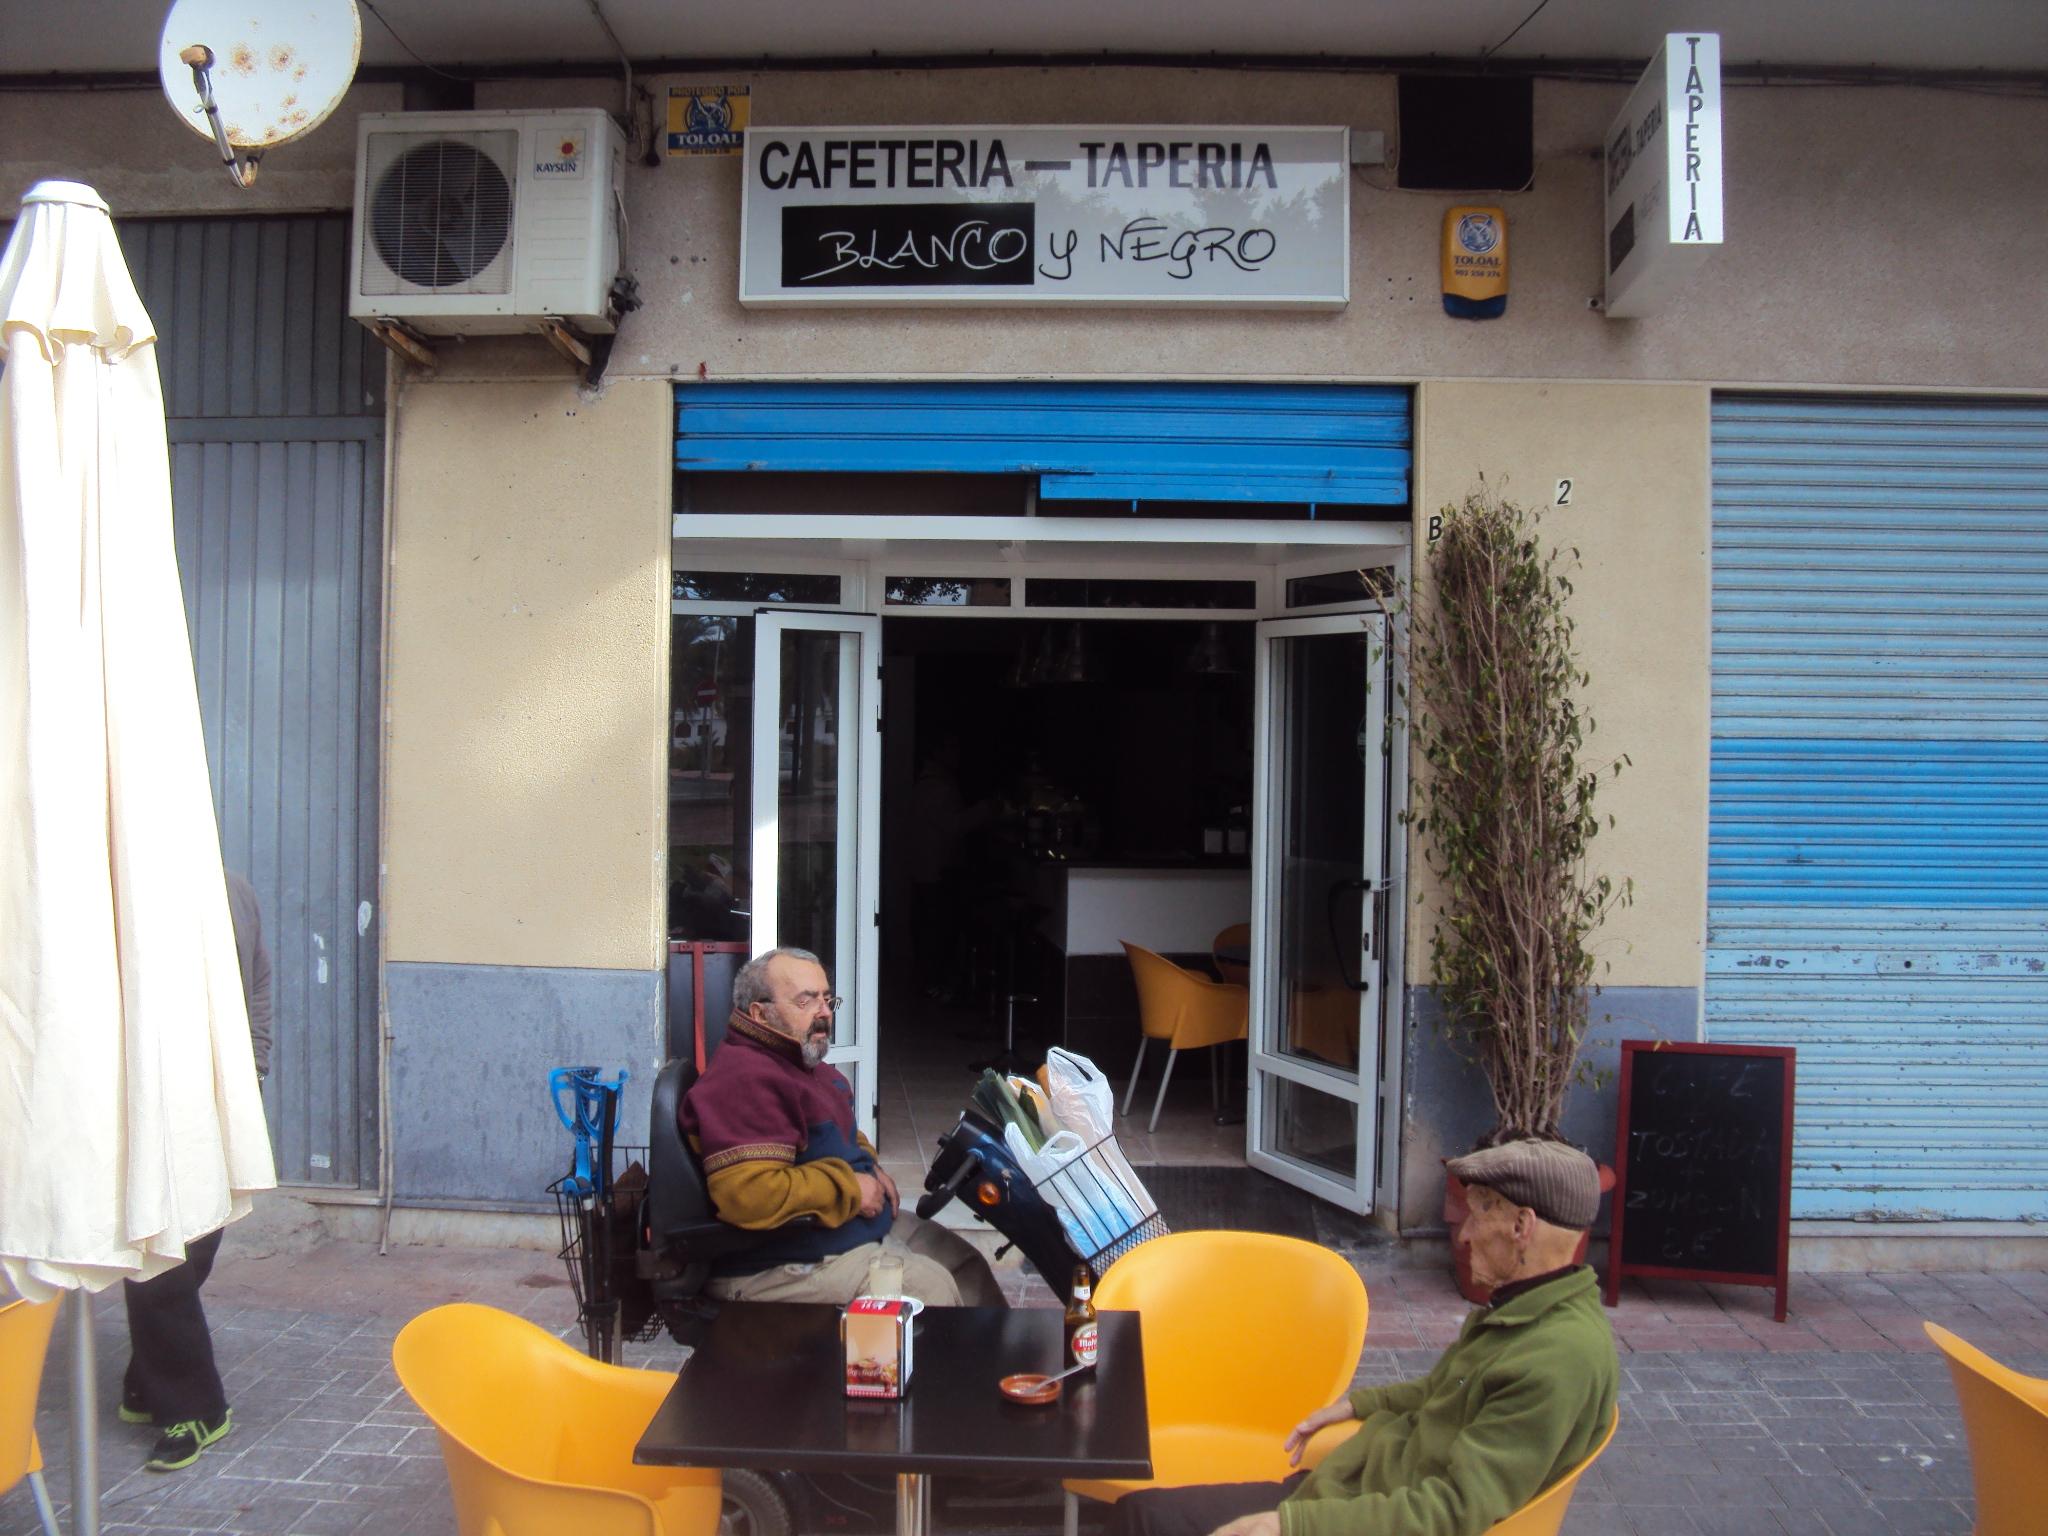 CAFETERIA TAPERIA BLANCO Y NEGRO